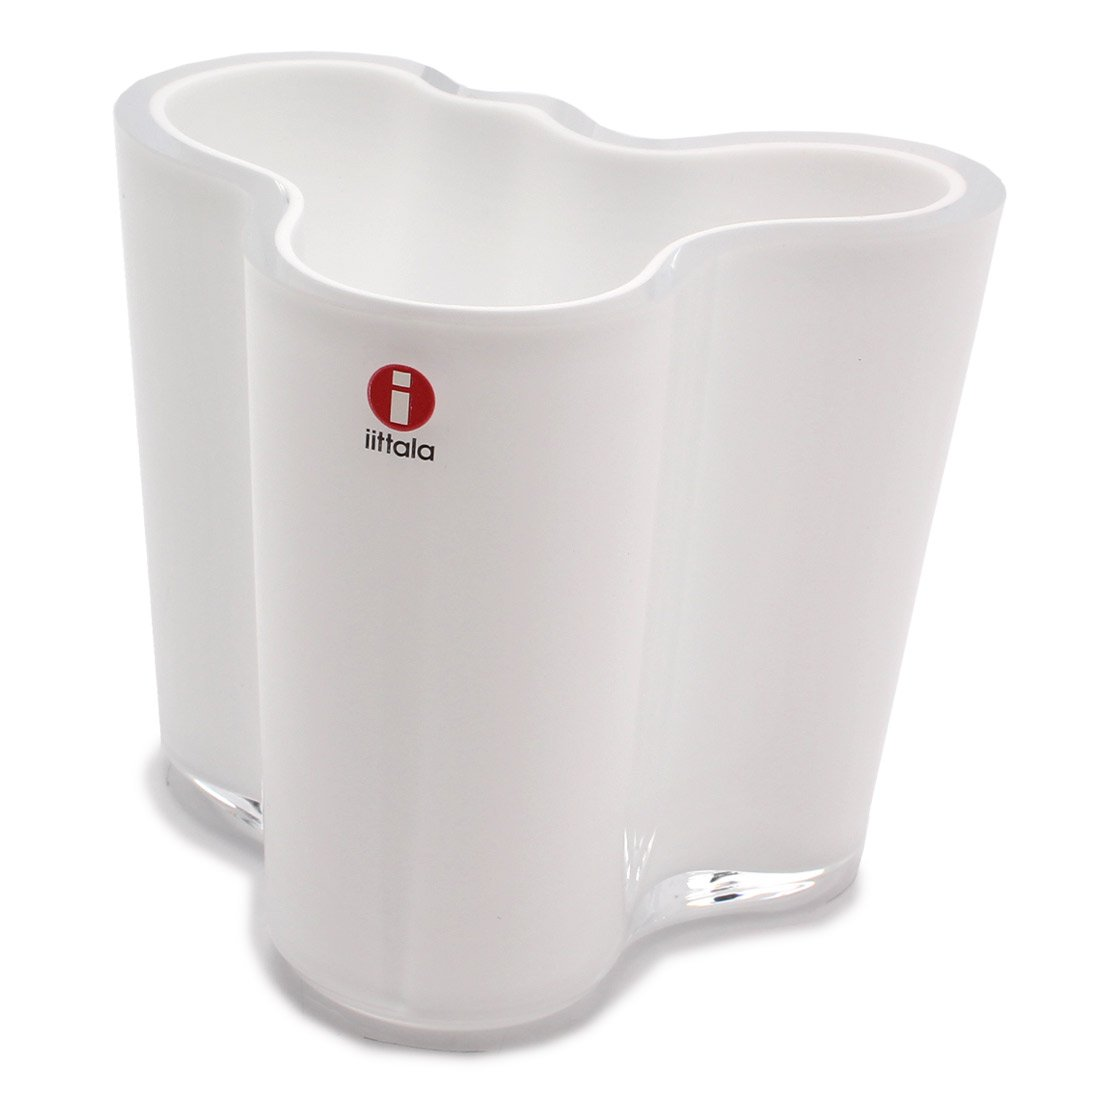 (イッタラ)IITTALA アルヴァアアルト フラワーベース 95mm 花瓶 03.ホワイト [並行輸入品] B01HGB1O5U フリー 03.ホワイト 03.ホワイト フリー